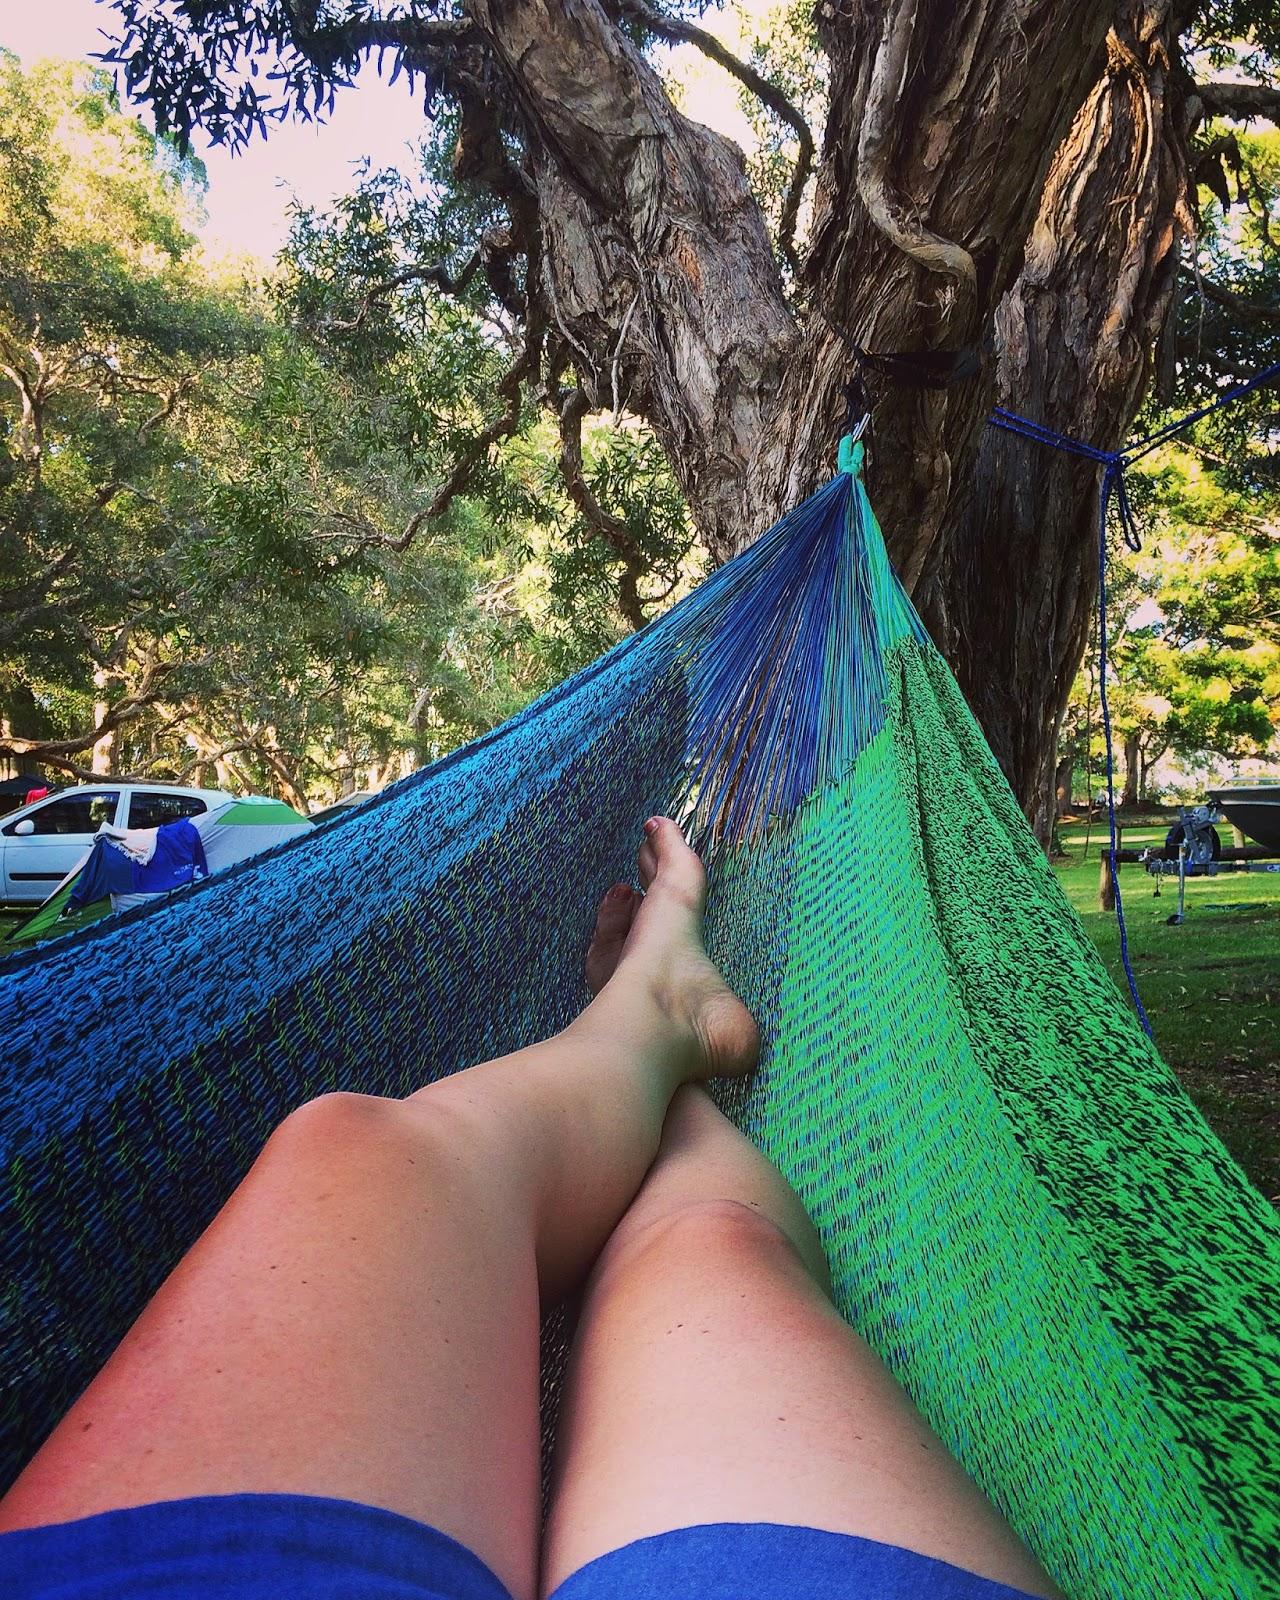 Relaxing in West Coast Hammock